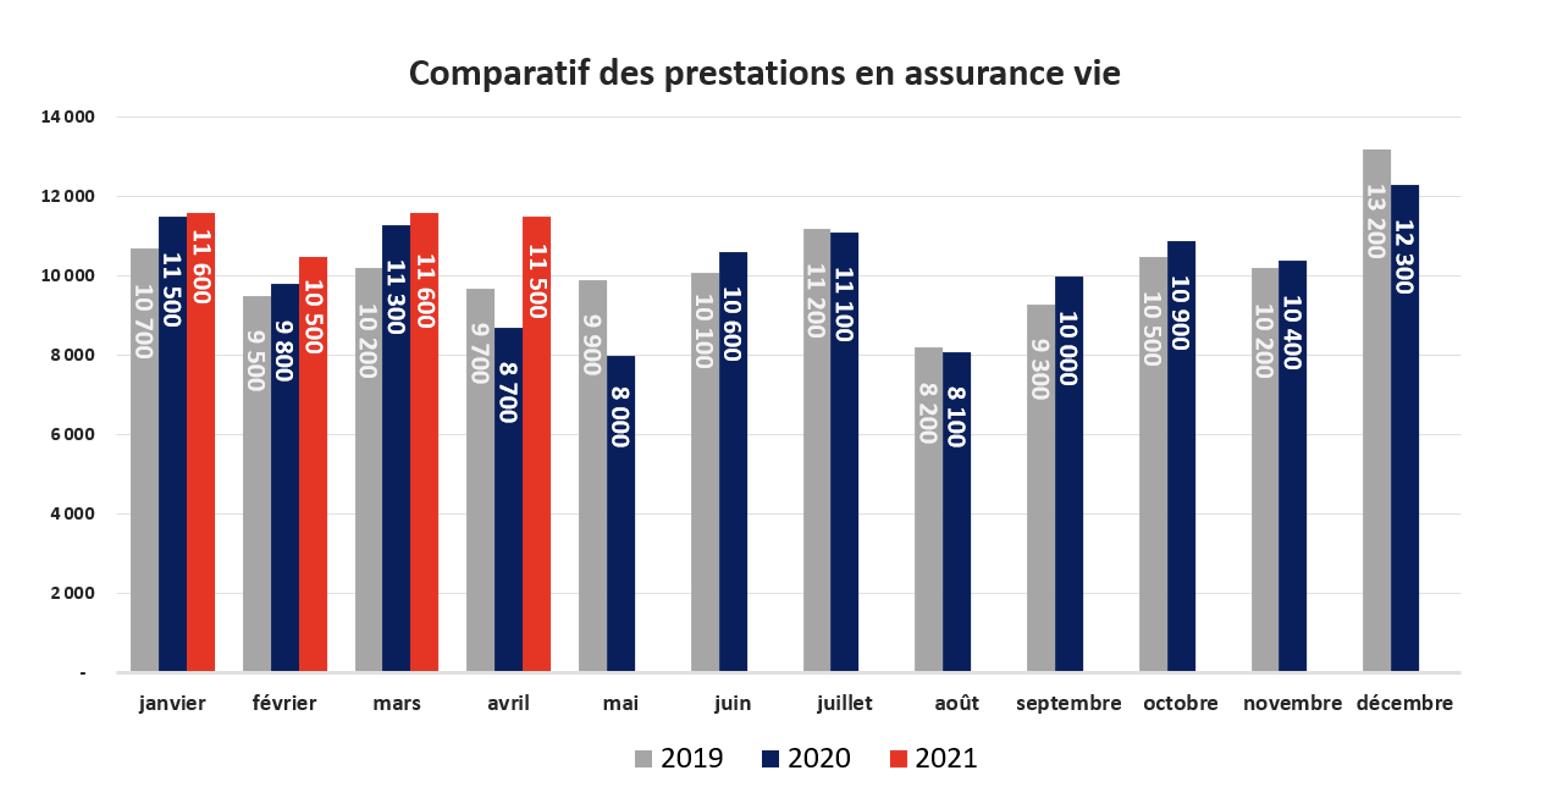 Baromètre assurance vie - comparatif des prestations en assurance vie